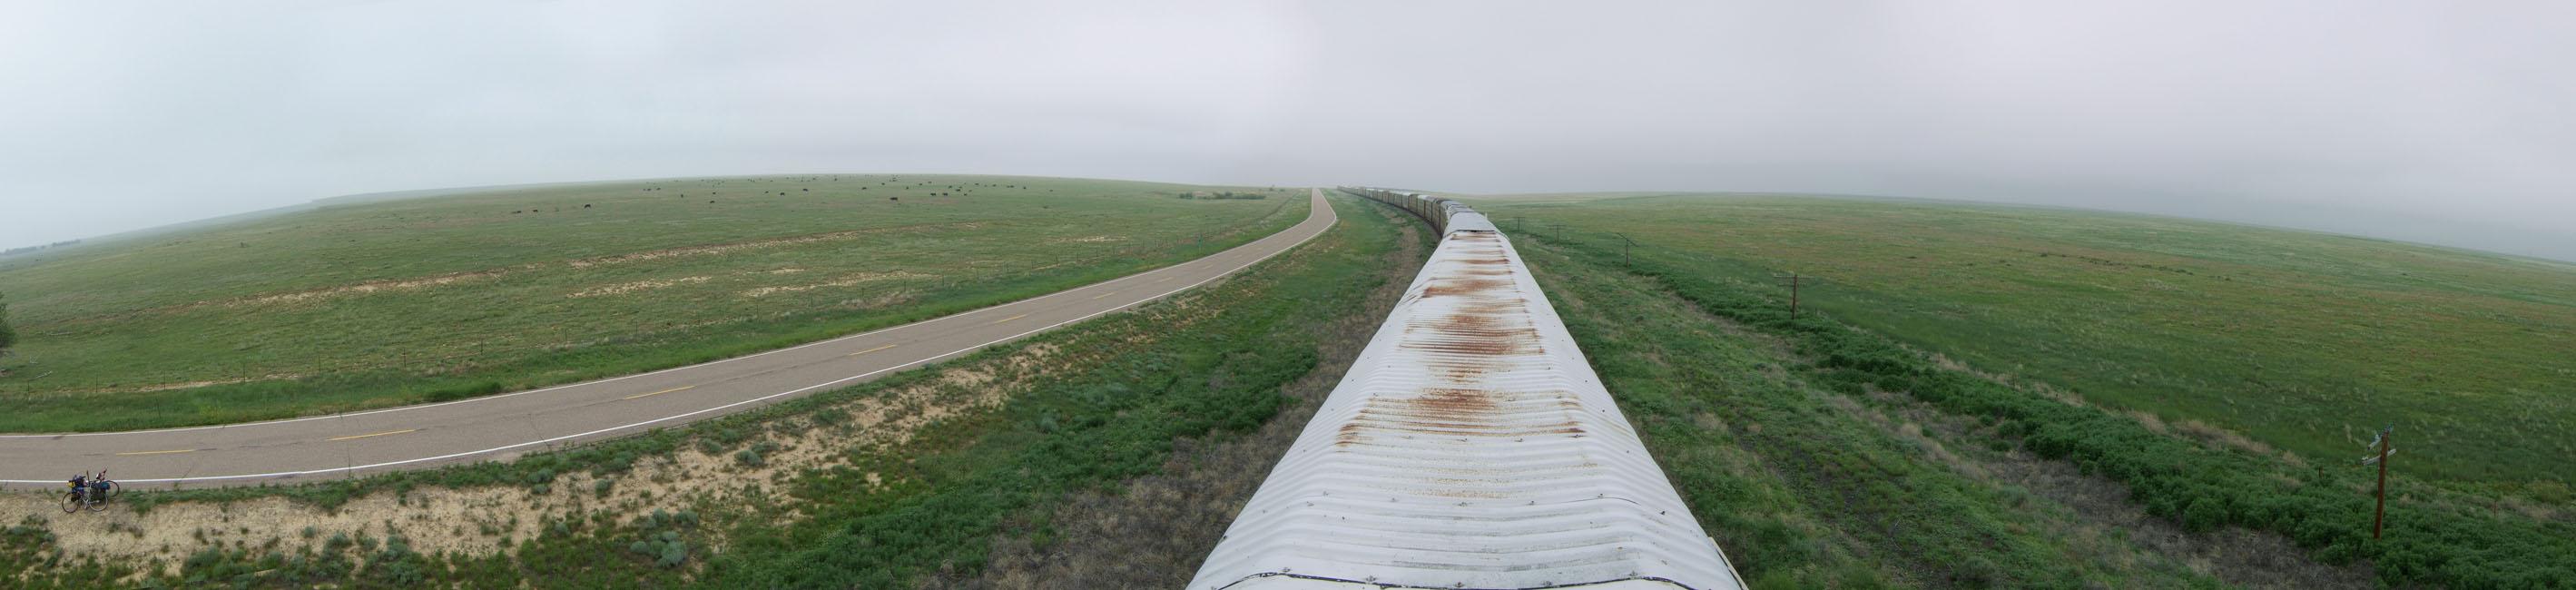 Panorama-5-sm